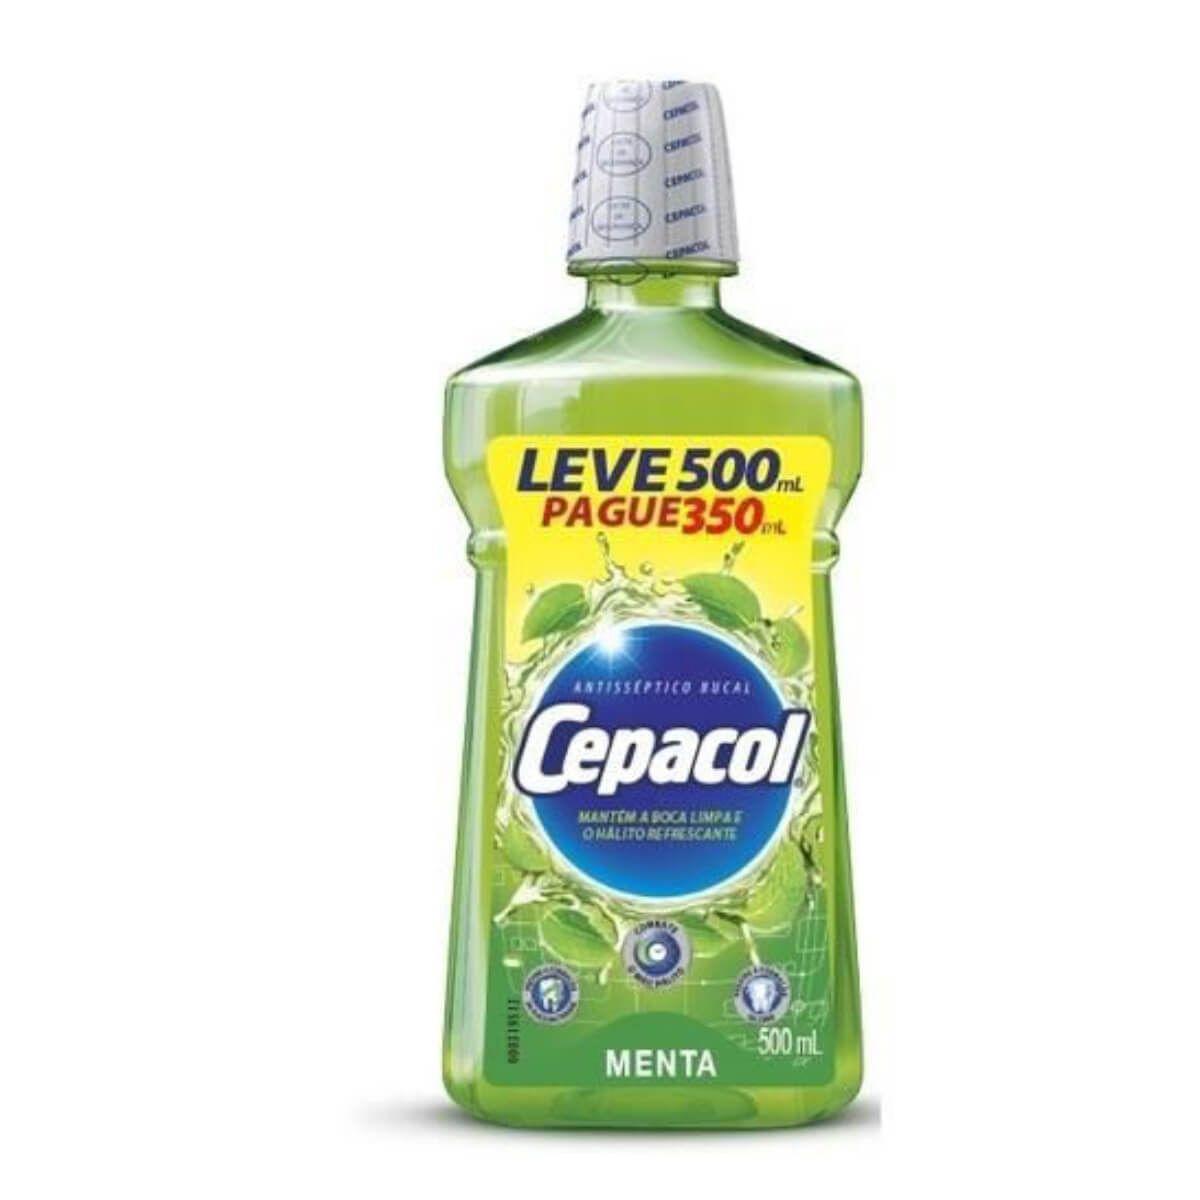 Cepacol Enxaguante Bucal Menta 500mL